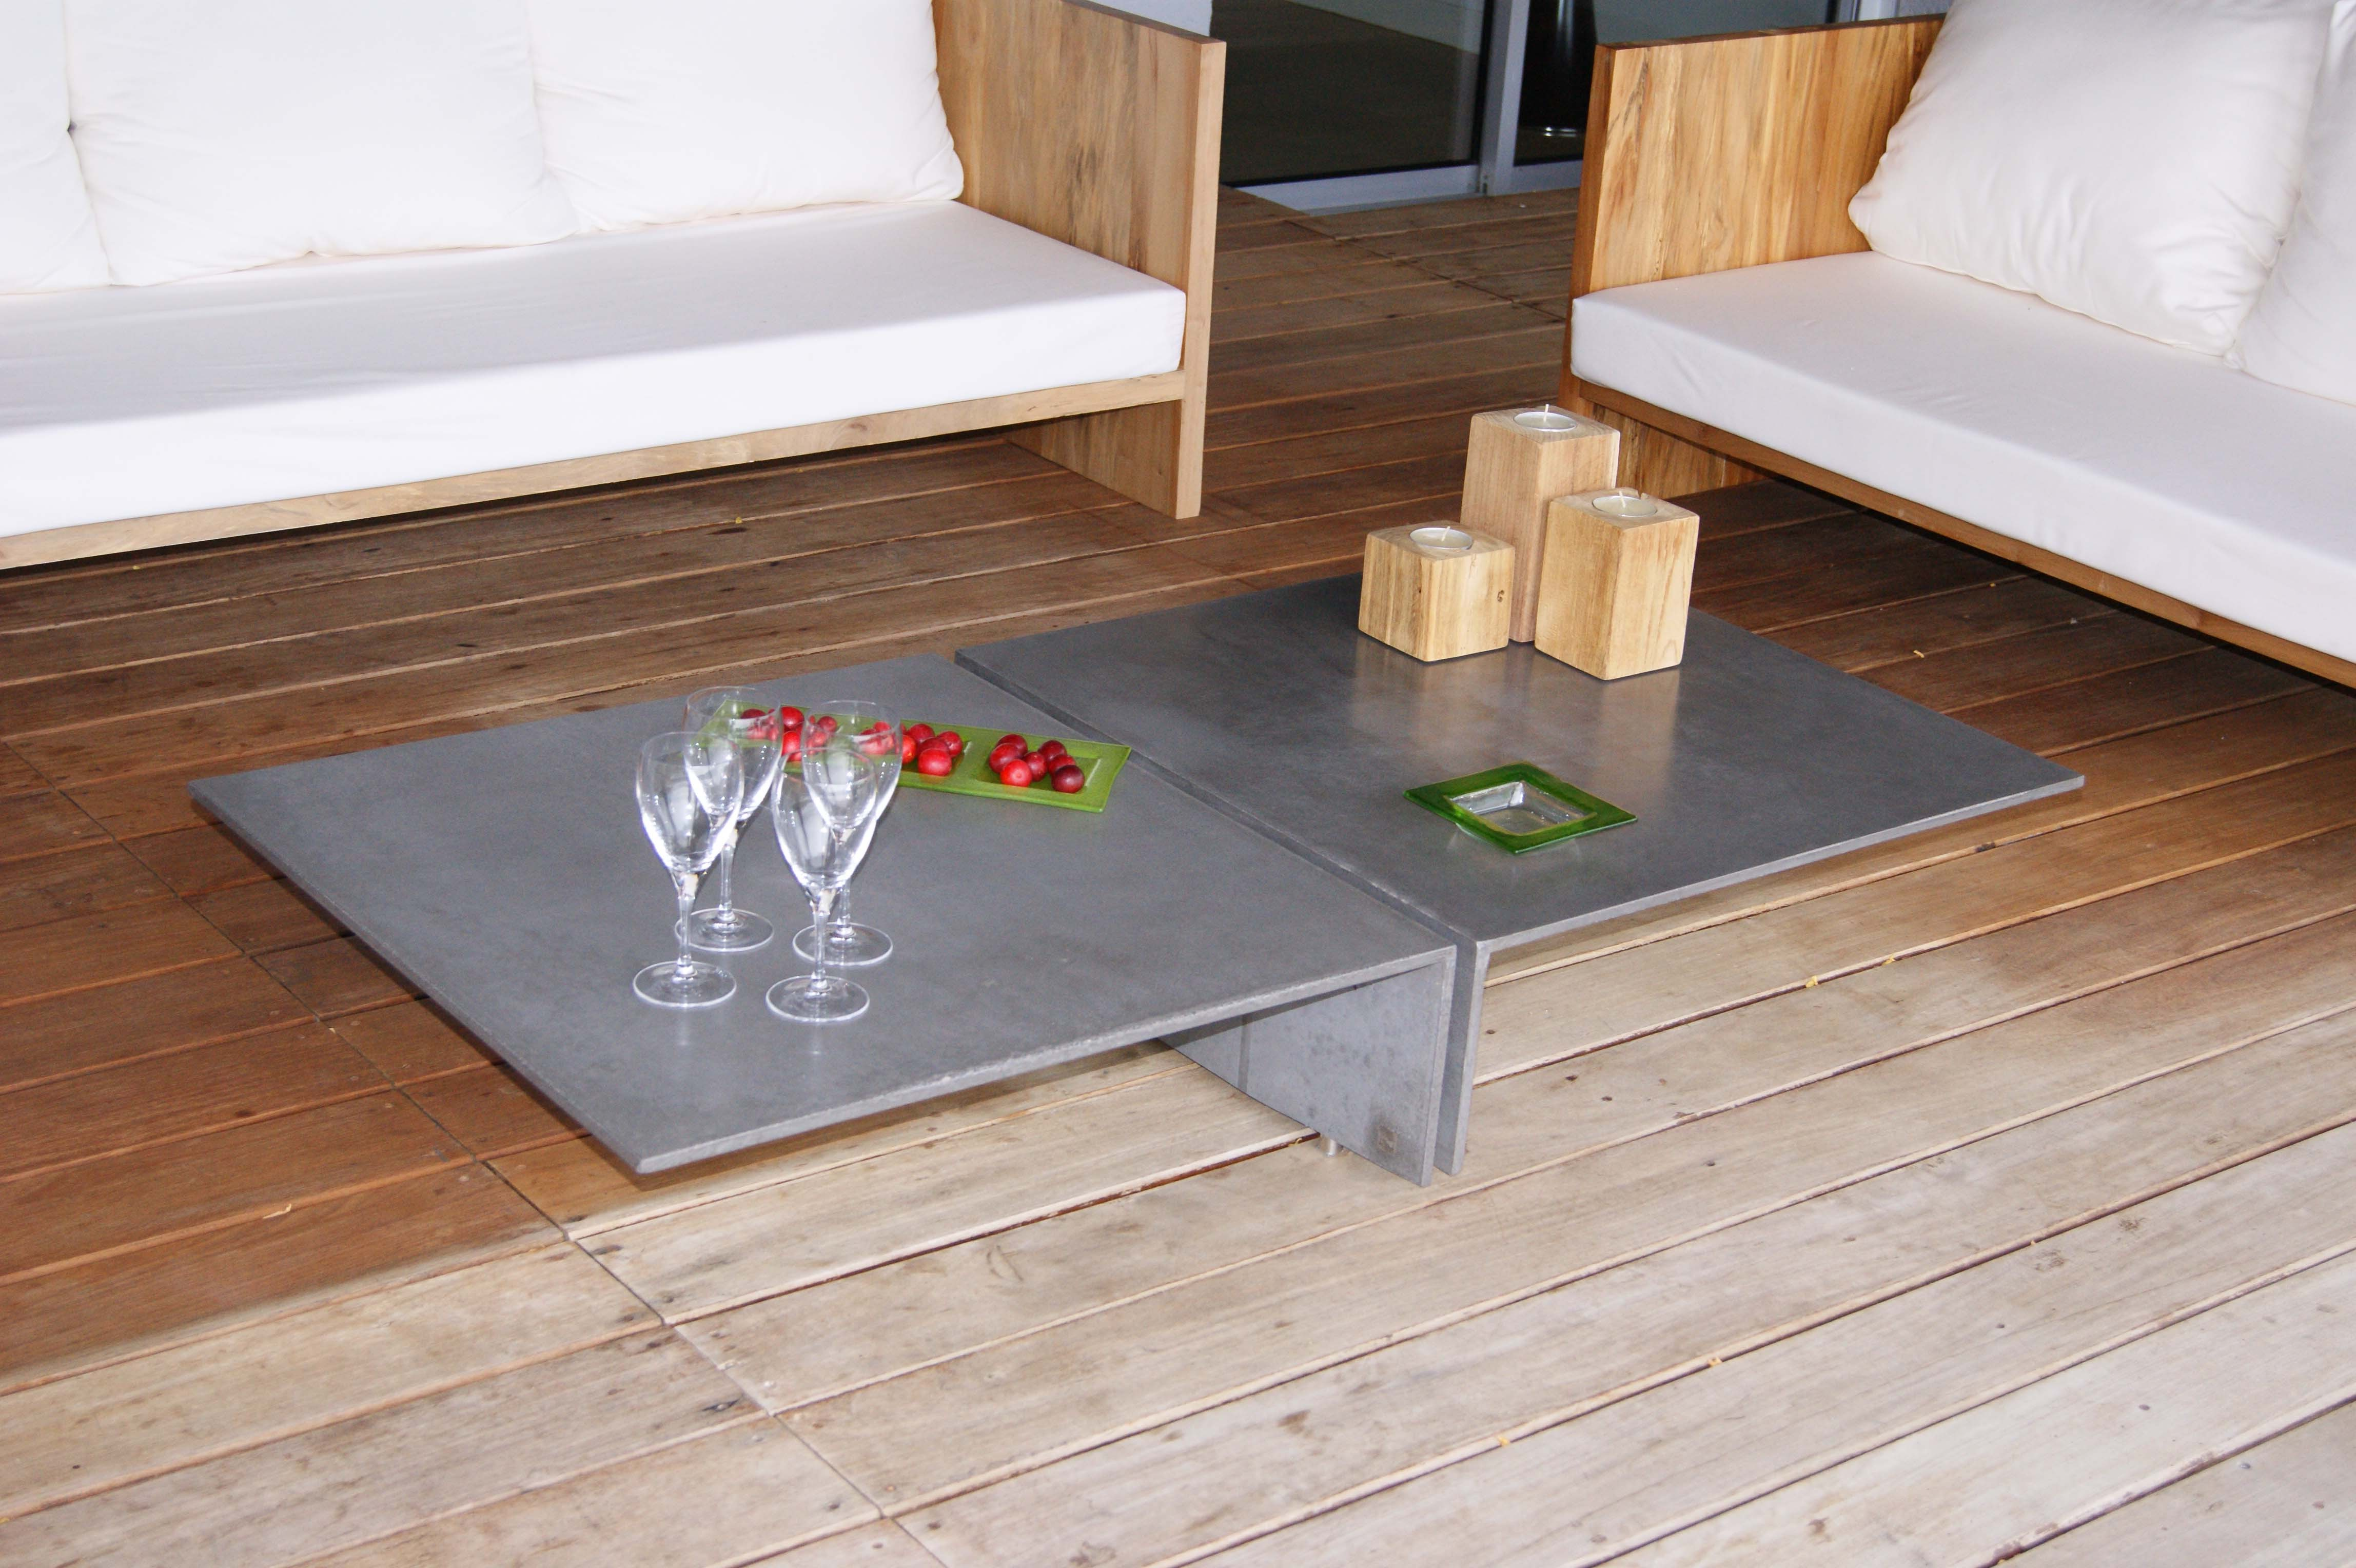 Table b Twin